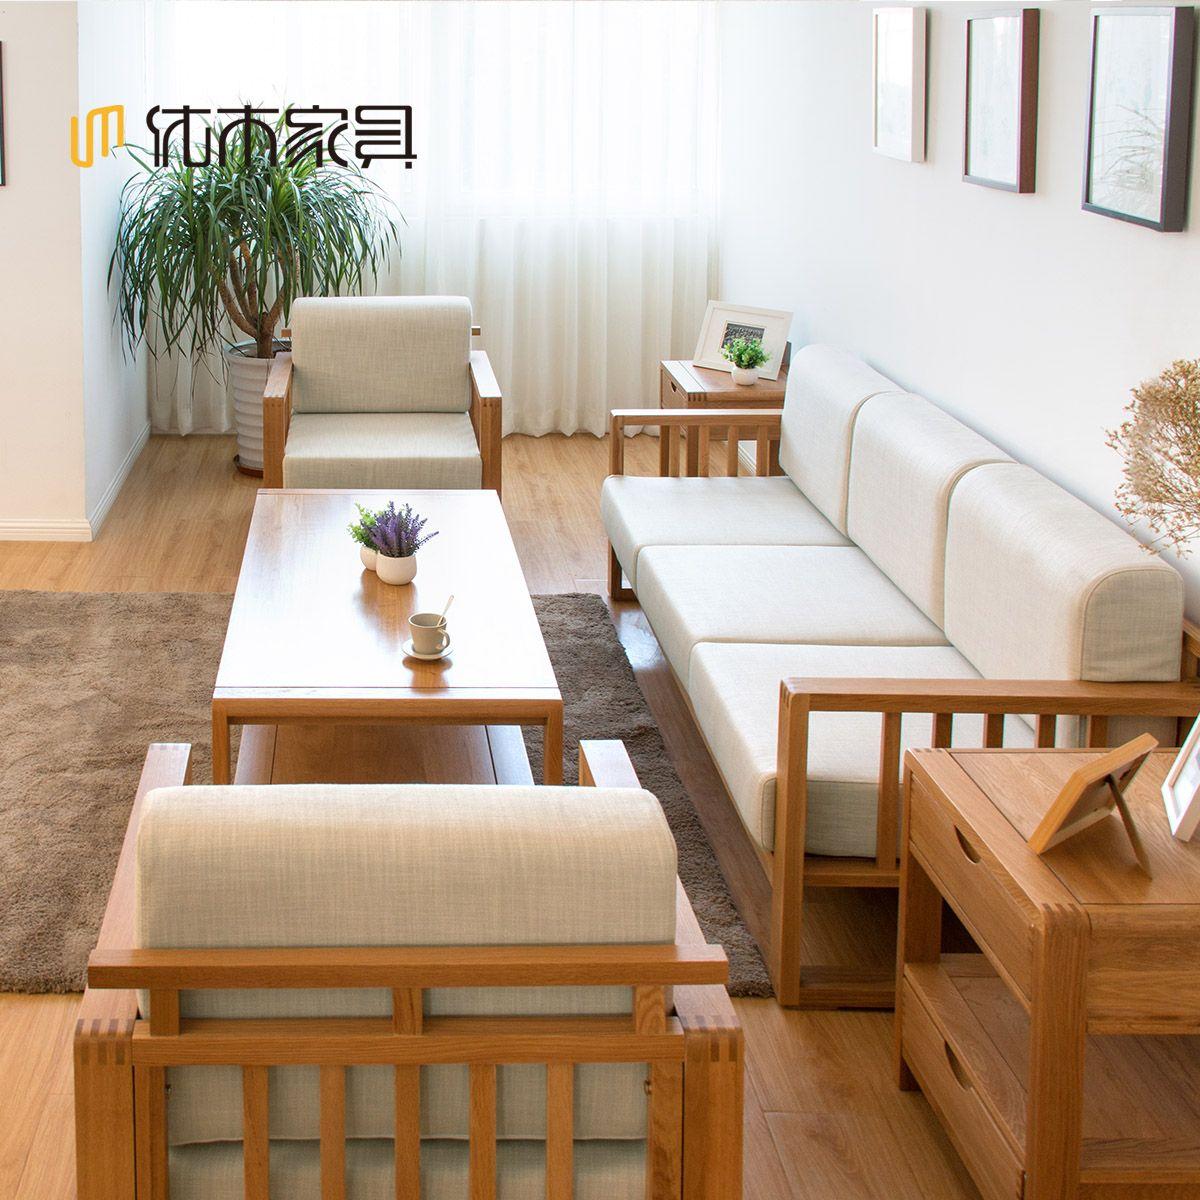 纯实木沙发白橡木转角沙发三人位布艺可拆洗沙发组合客厅简约家具